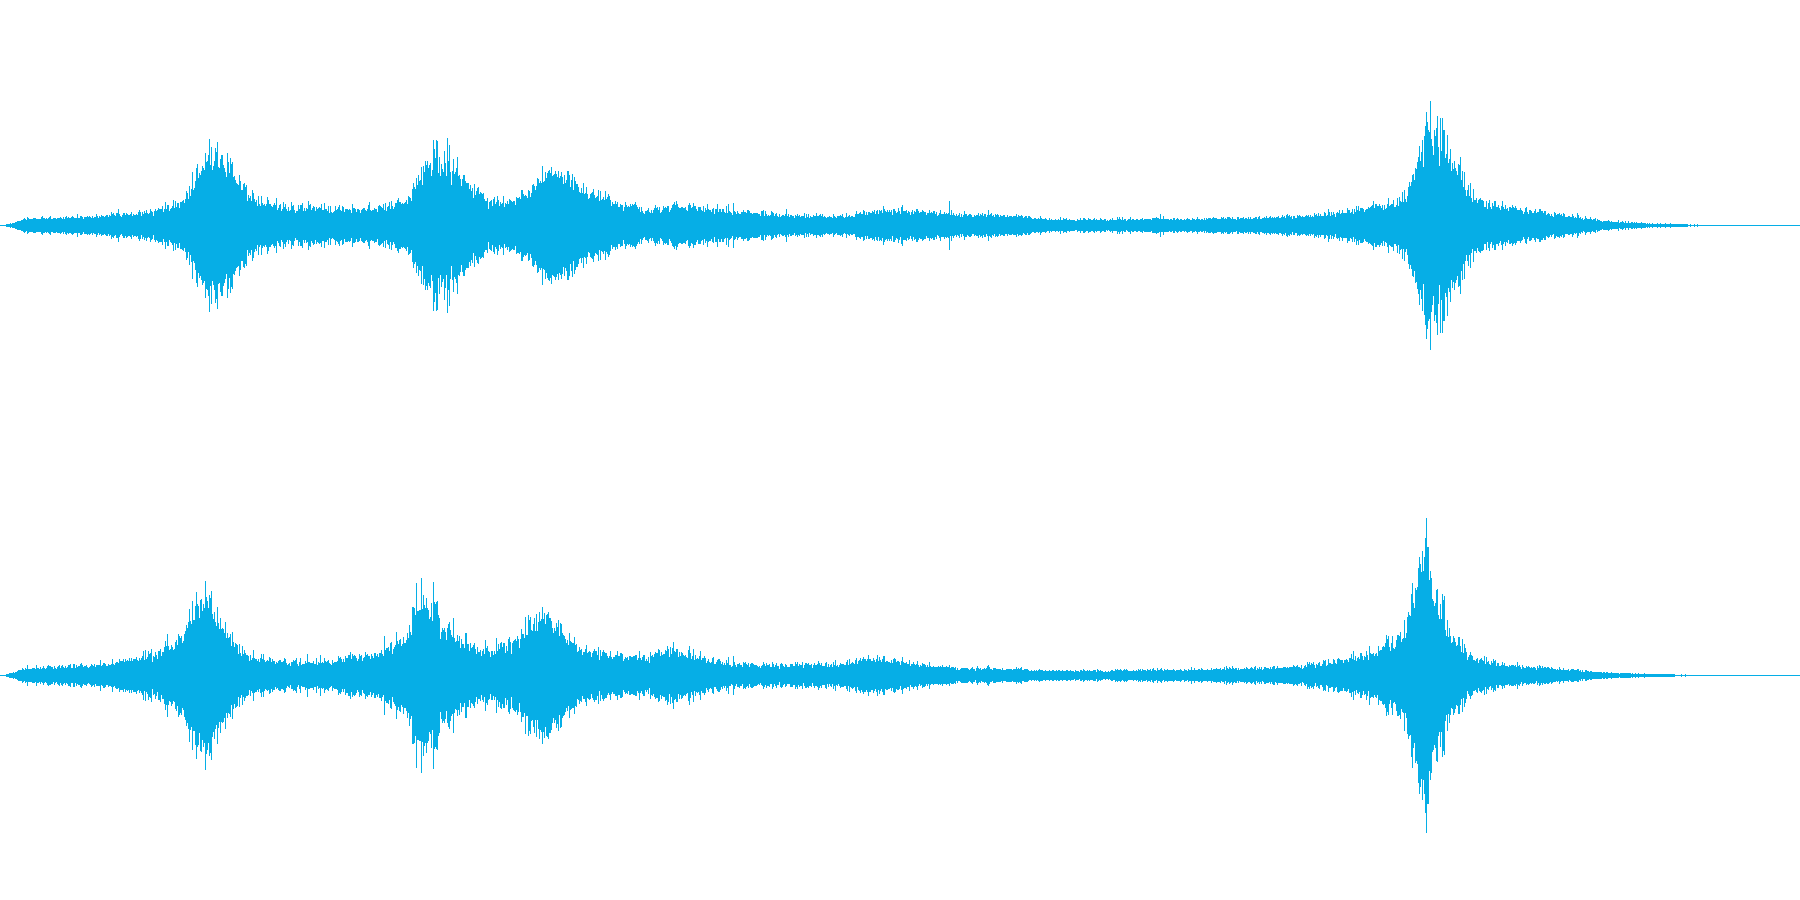 【生録音】 早朝の街 交通 環境音 24の再生済みの波形